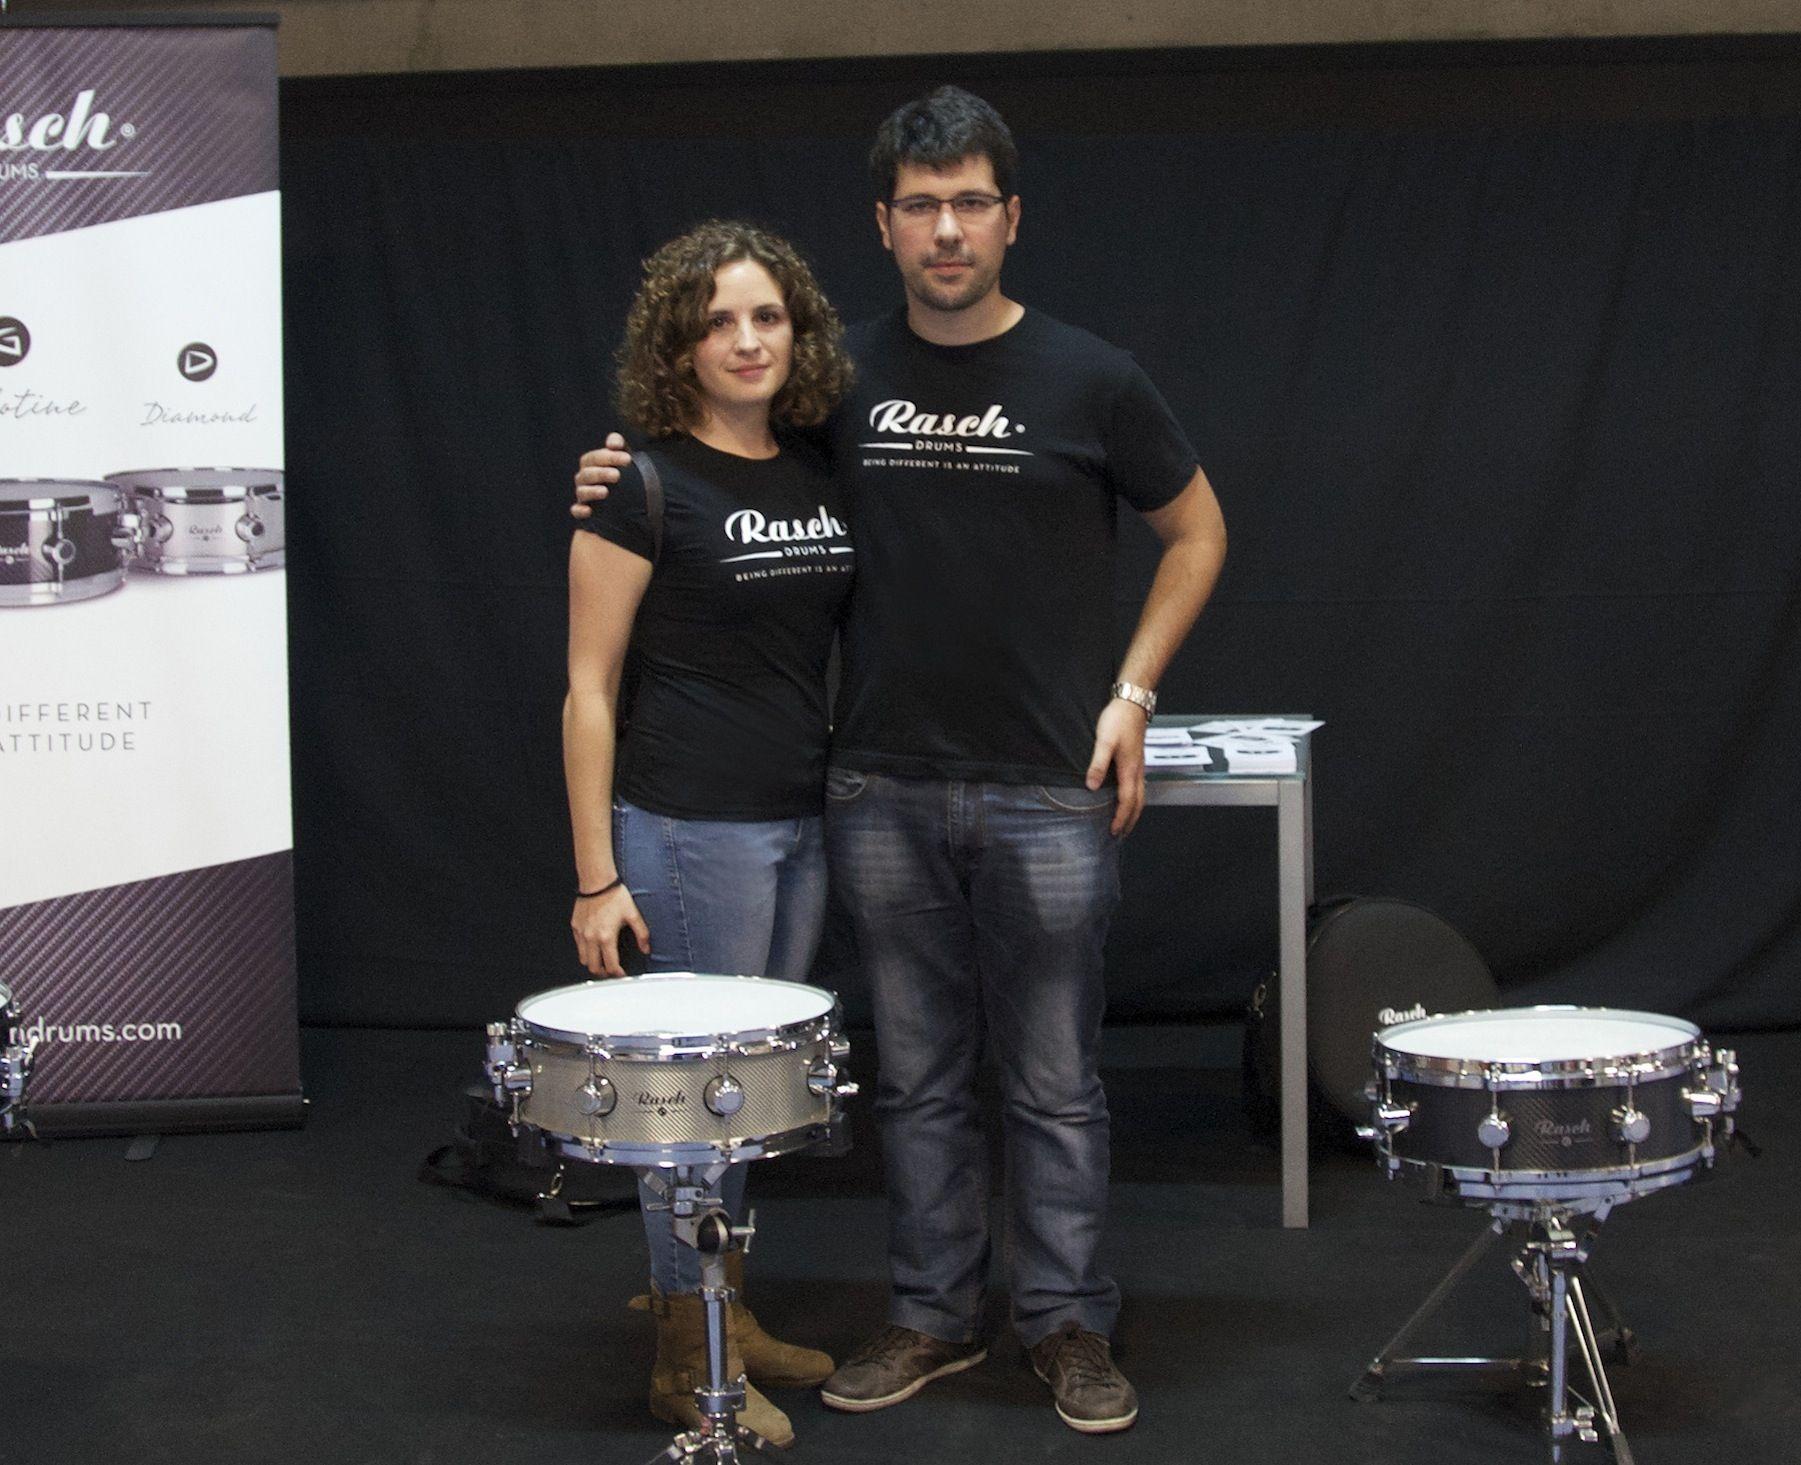 """Patricia Clemente y Manuel Ibáñez, ingenieros valencianos formados en la CEU UCH y creadores de Rasch Drums, empresa galardonada con el """"Best Snare Drum Manufacturer 2020""""."""